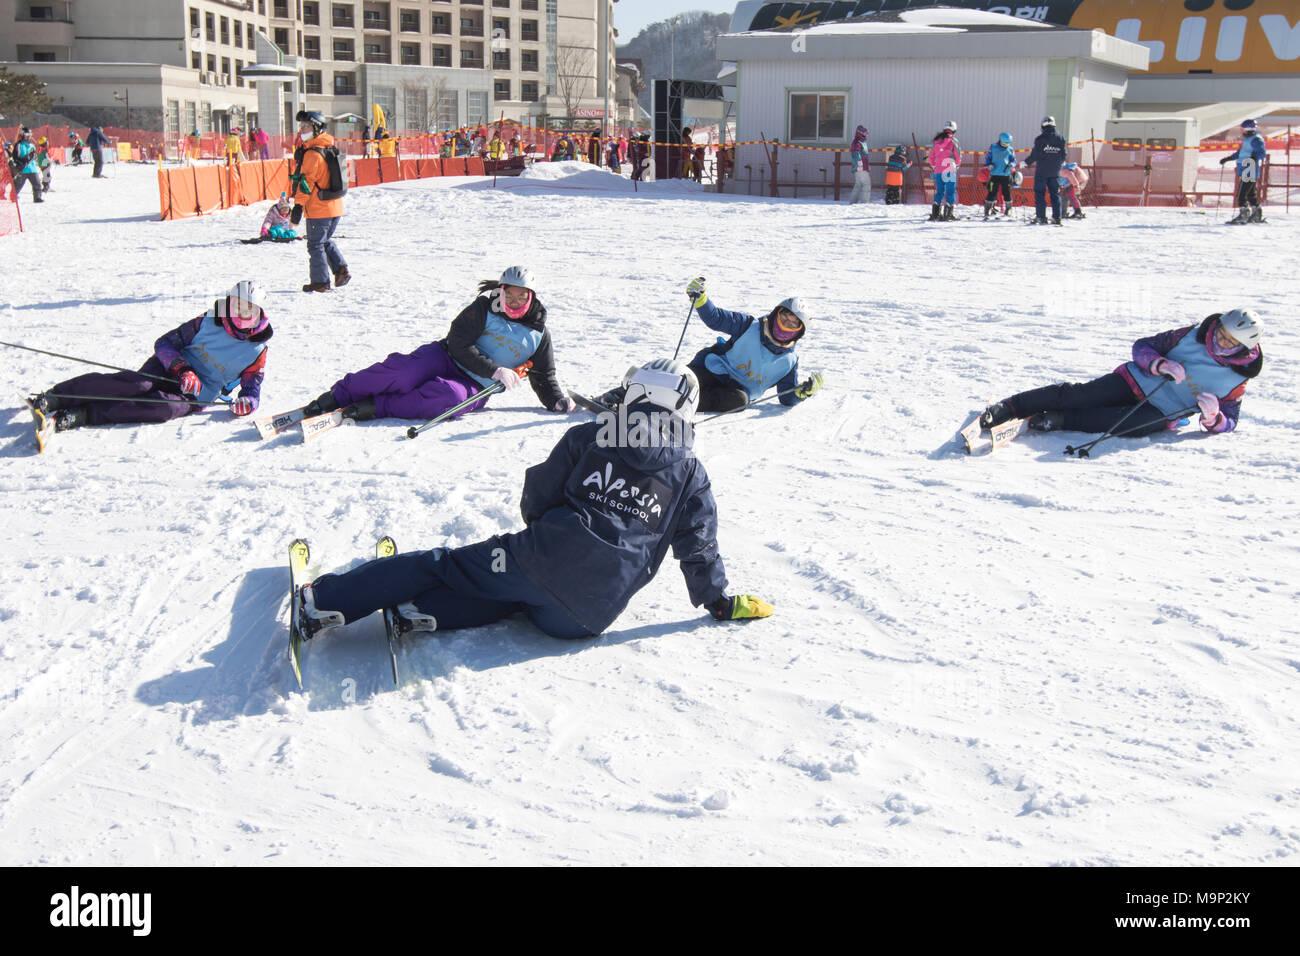 Cuatro mujeres se les enseña a levantarse después de caer mientras esquía, en el Alpensia resort en la región de Gangwon-do de Corea del Sur. El Alpensia Resort es un resort de esquí y una atracción turística. Está ubicado en el territorio del municipio de Daegwallyeong-myeon, en el condado de Pyeongchang, acoger los Juegos Olímpicos de Invierno en febrero de 2018. La estación de esquí es de aproximadamente 2,5 horas de Seúl o Incheon Airport en coche, predominantemente todo autopista. Alpensia tiene seis pistas para el esquí y el snowboard, con carreras de hasta 1,4 km (0,87 millas) de largo, para principiantes y esquiadores avanzados, y un área Foto de stock